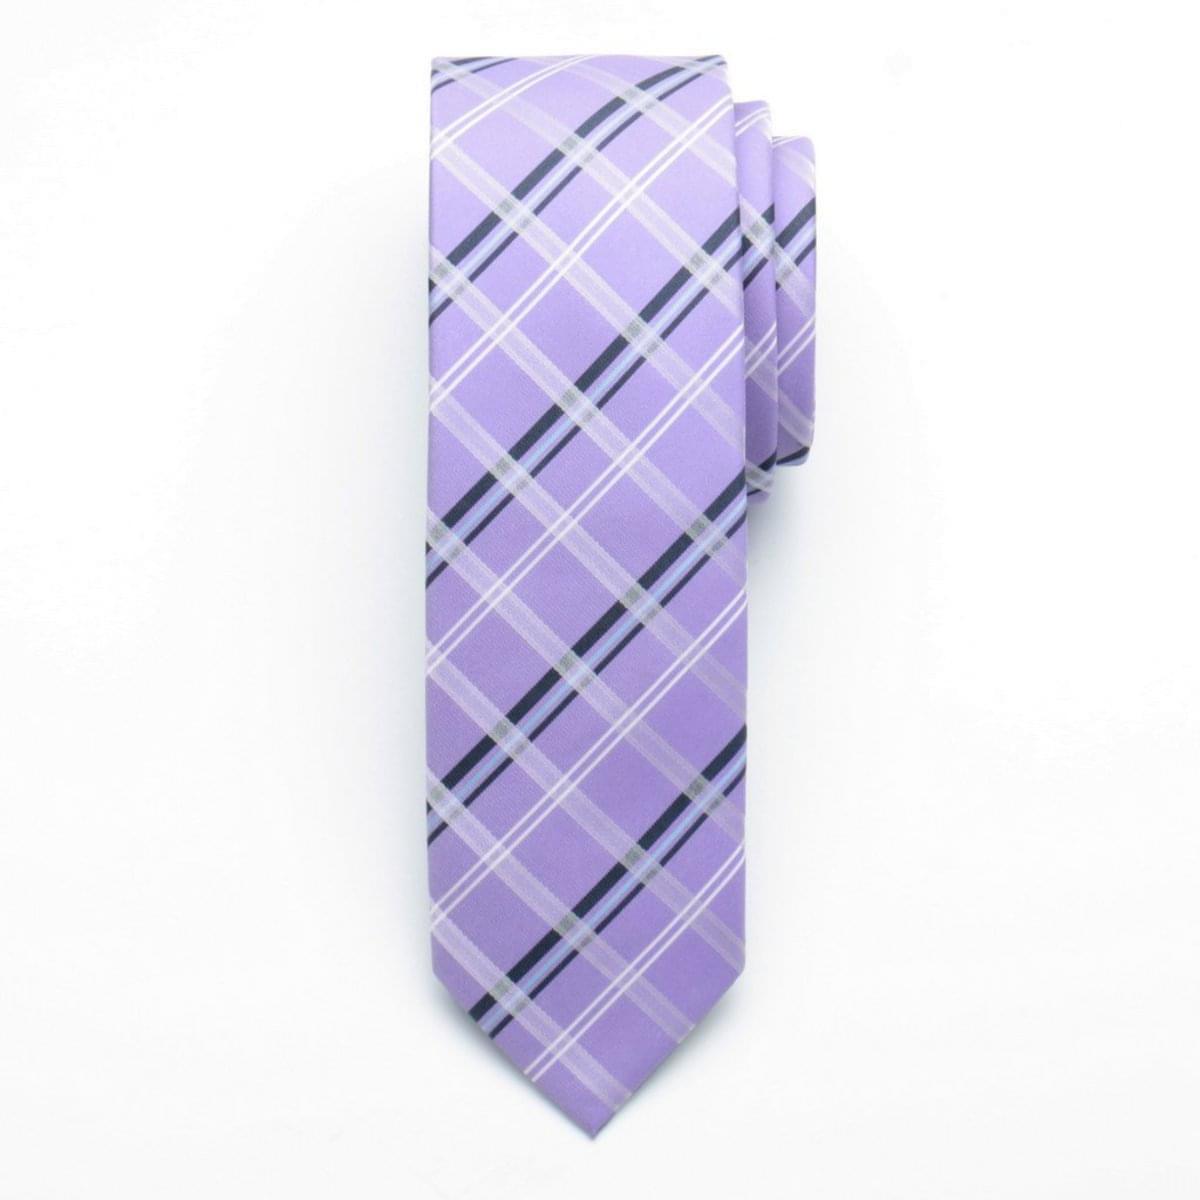 Úzká kravata (vzor 402) 2790